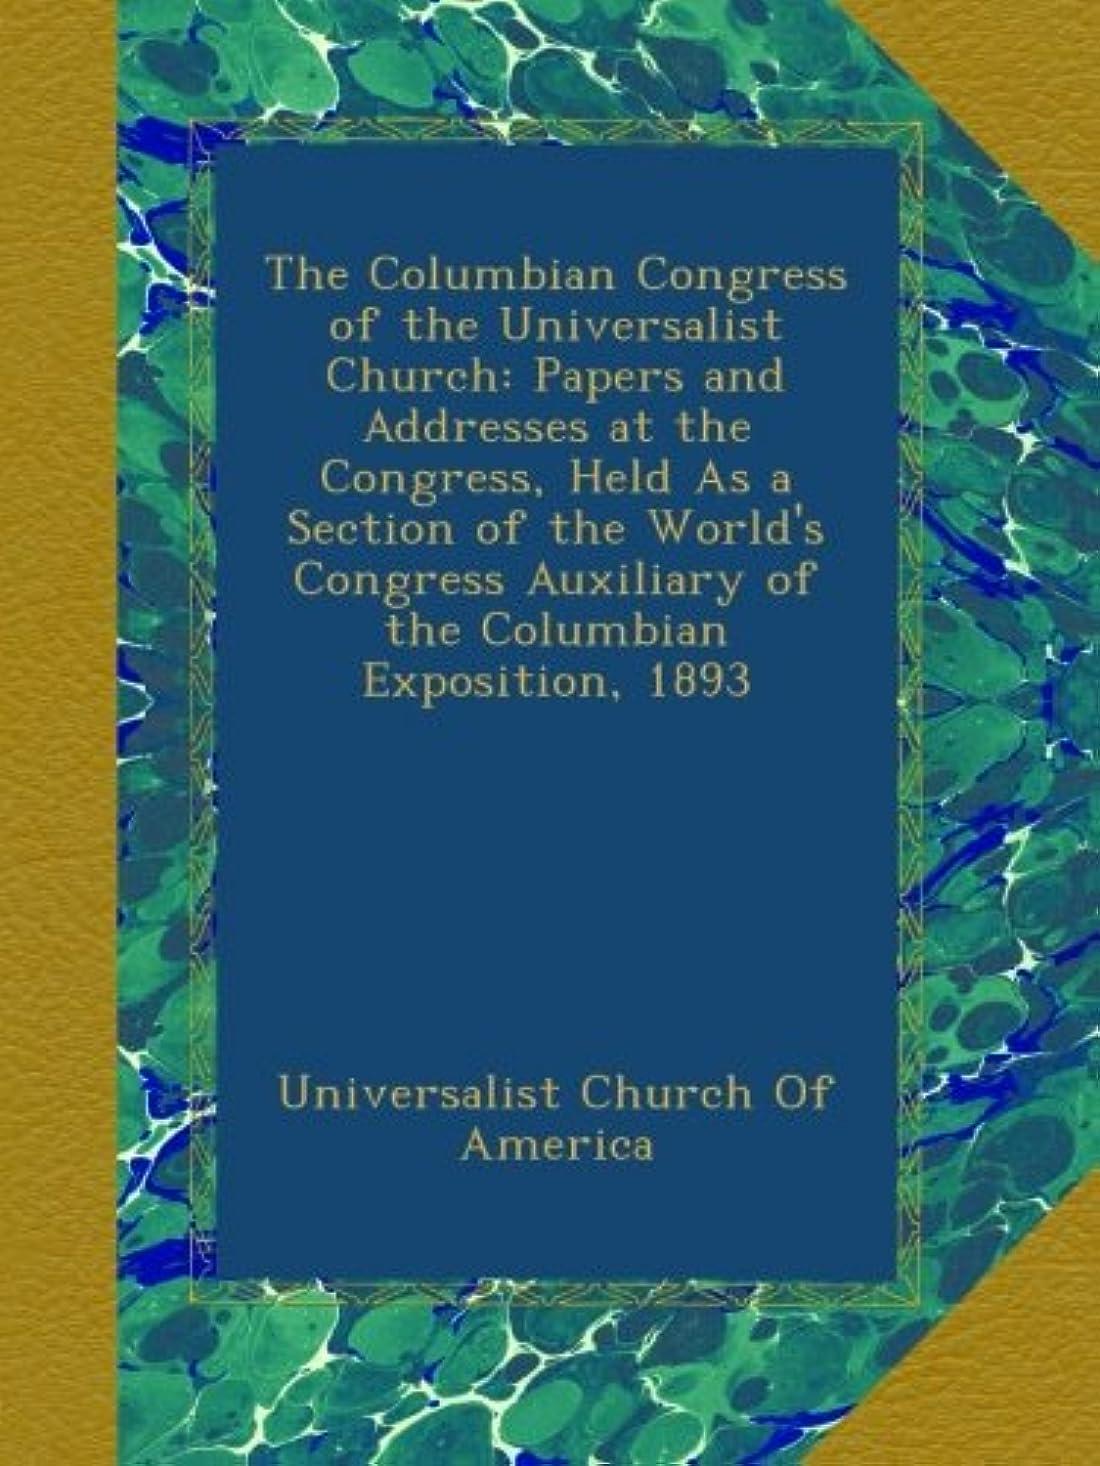 大学院ギャラリー疑い者The Columbian Congress of the Universalist Church: Papers and Addresses at the Congress, Held As a Section of the World's Congress Auxiliary of the Columbian Exposition, 1893